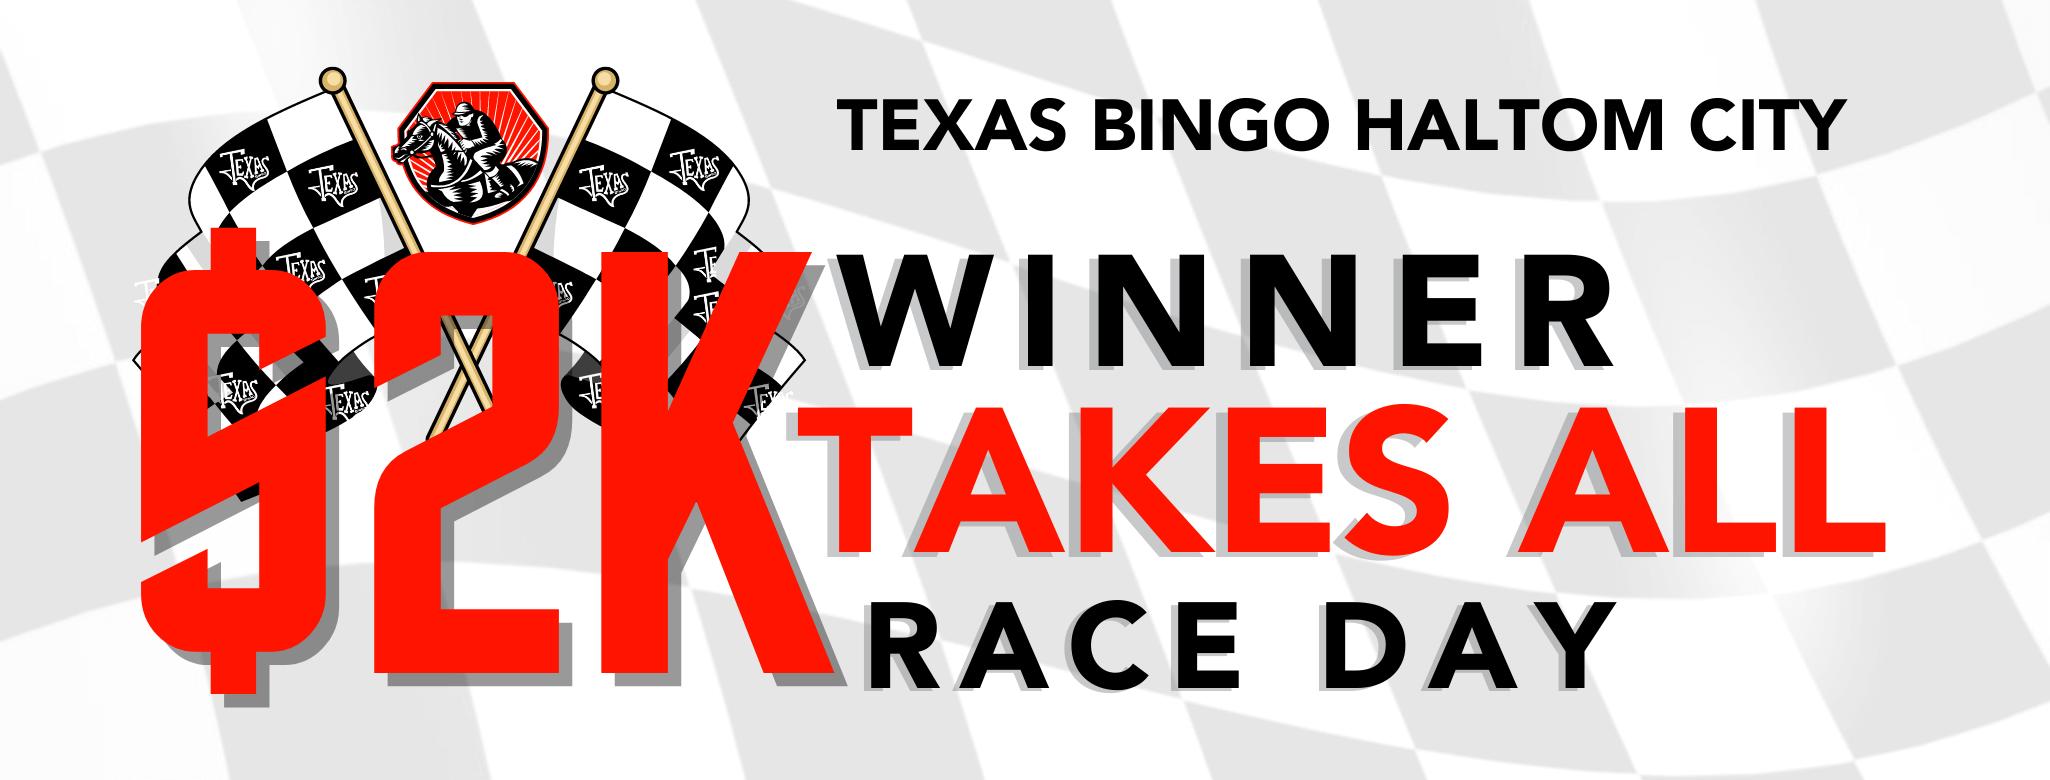 Haltom City $2K Winner Takes All Race Day